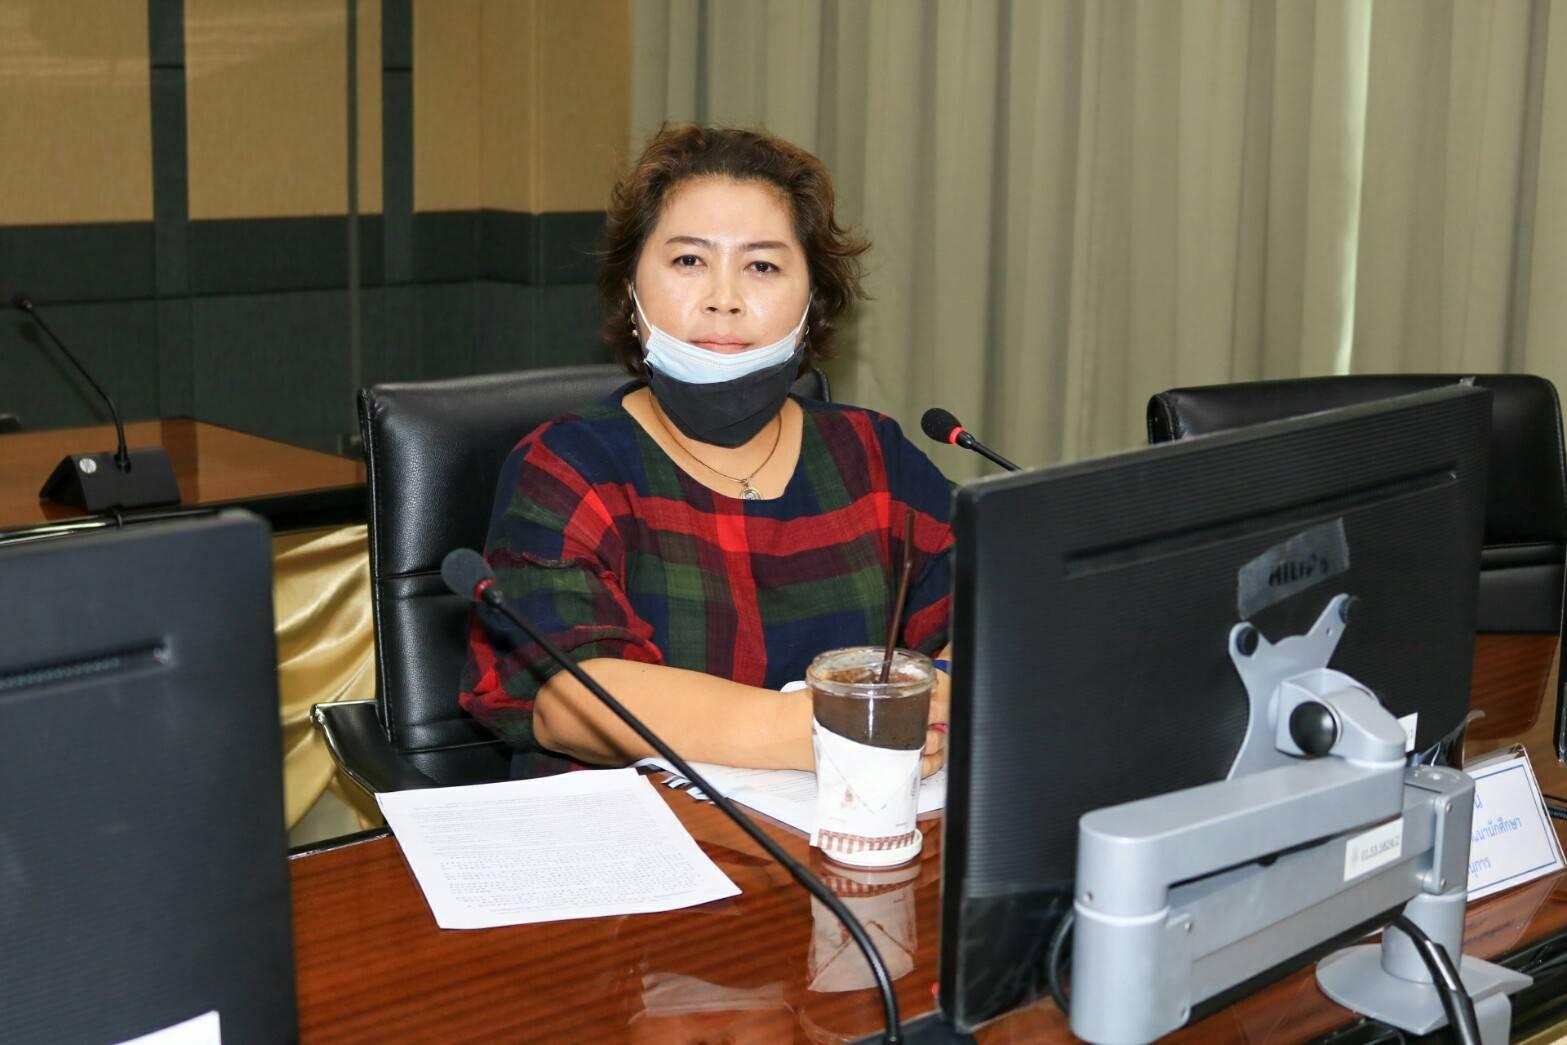 ประชุมคณะกรรมการบริหารกองทุนส่งเสริมและพัฒนากิจการนักศึกษา ครั้งที่ 3/2564